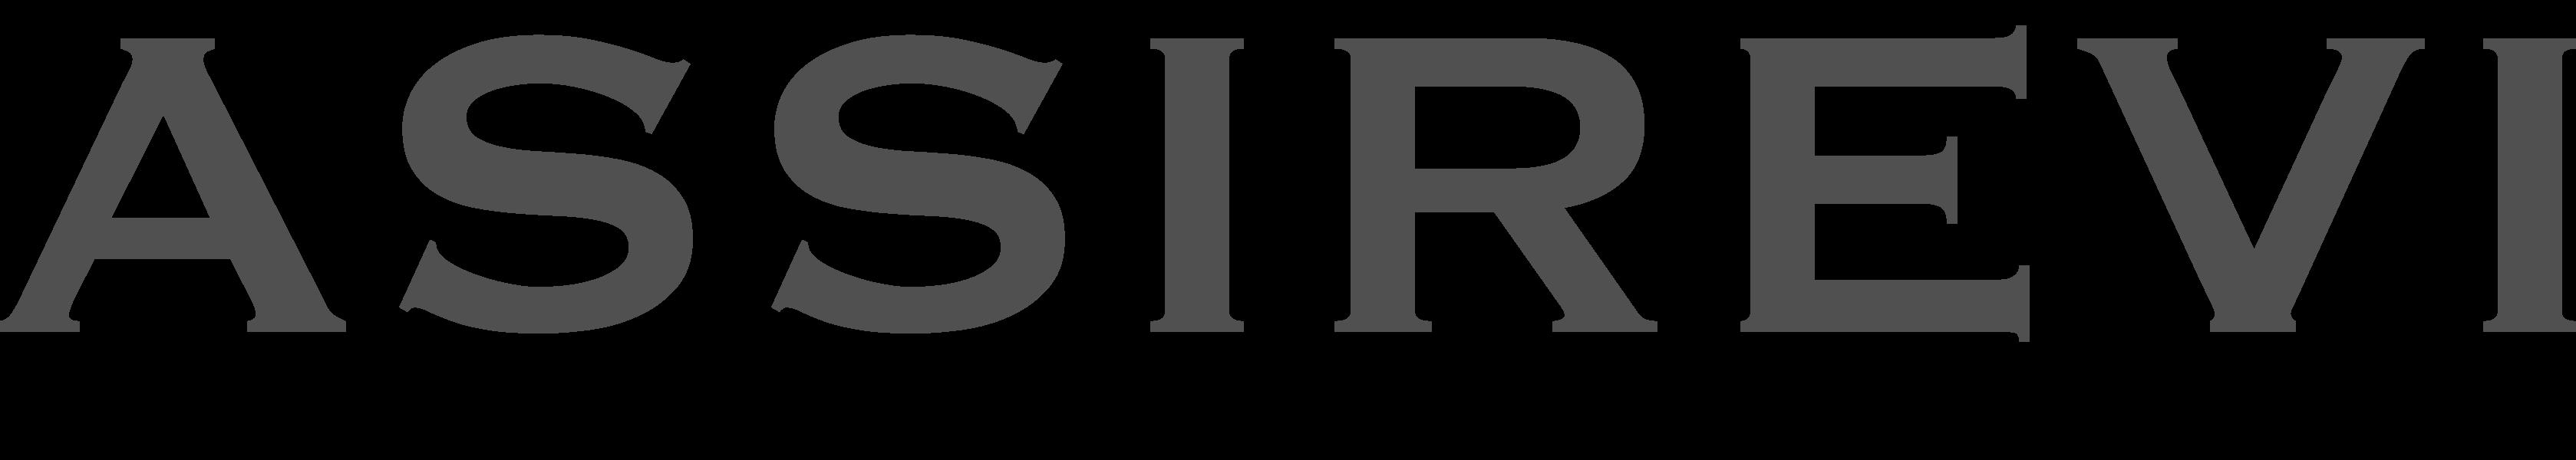 ASSIREVI - Associazione Italiana Revisori Contabili